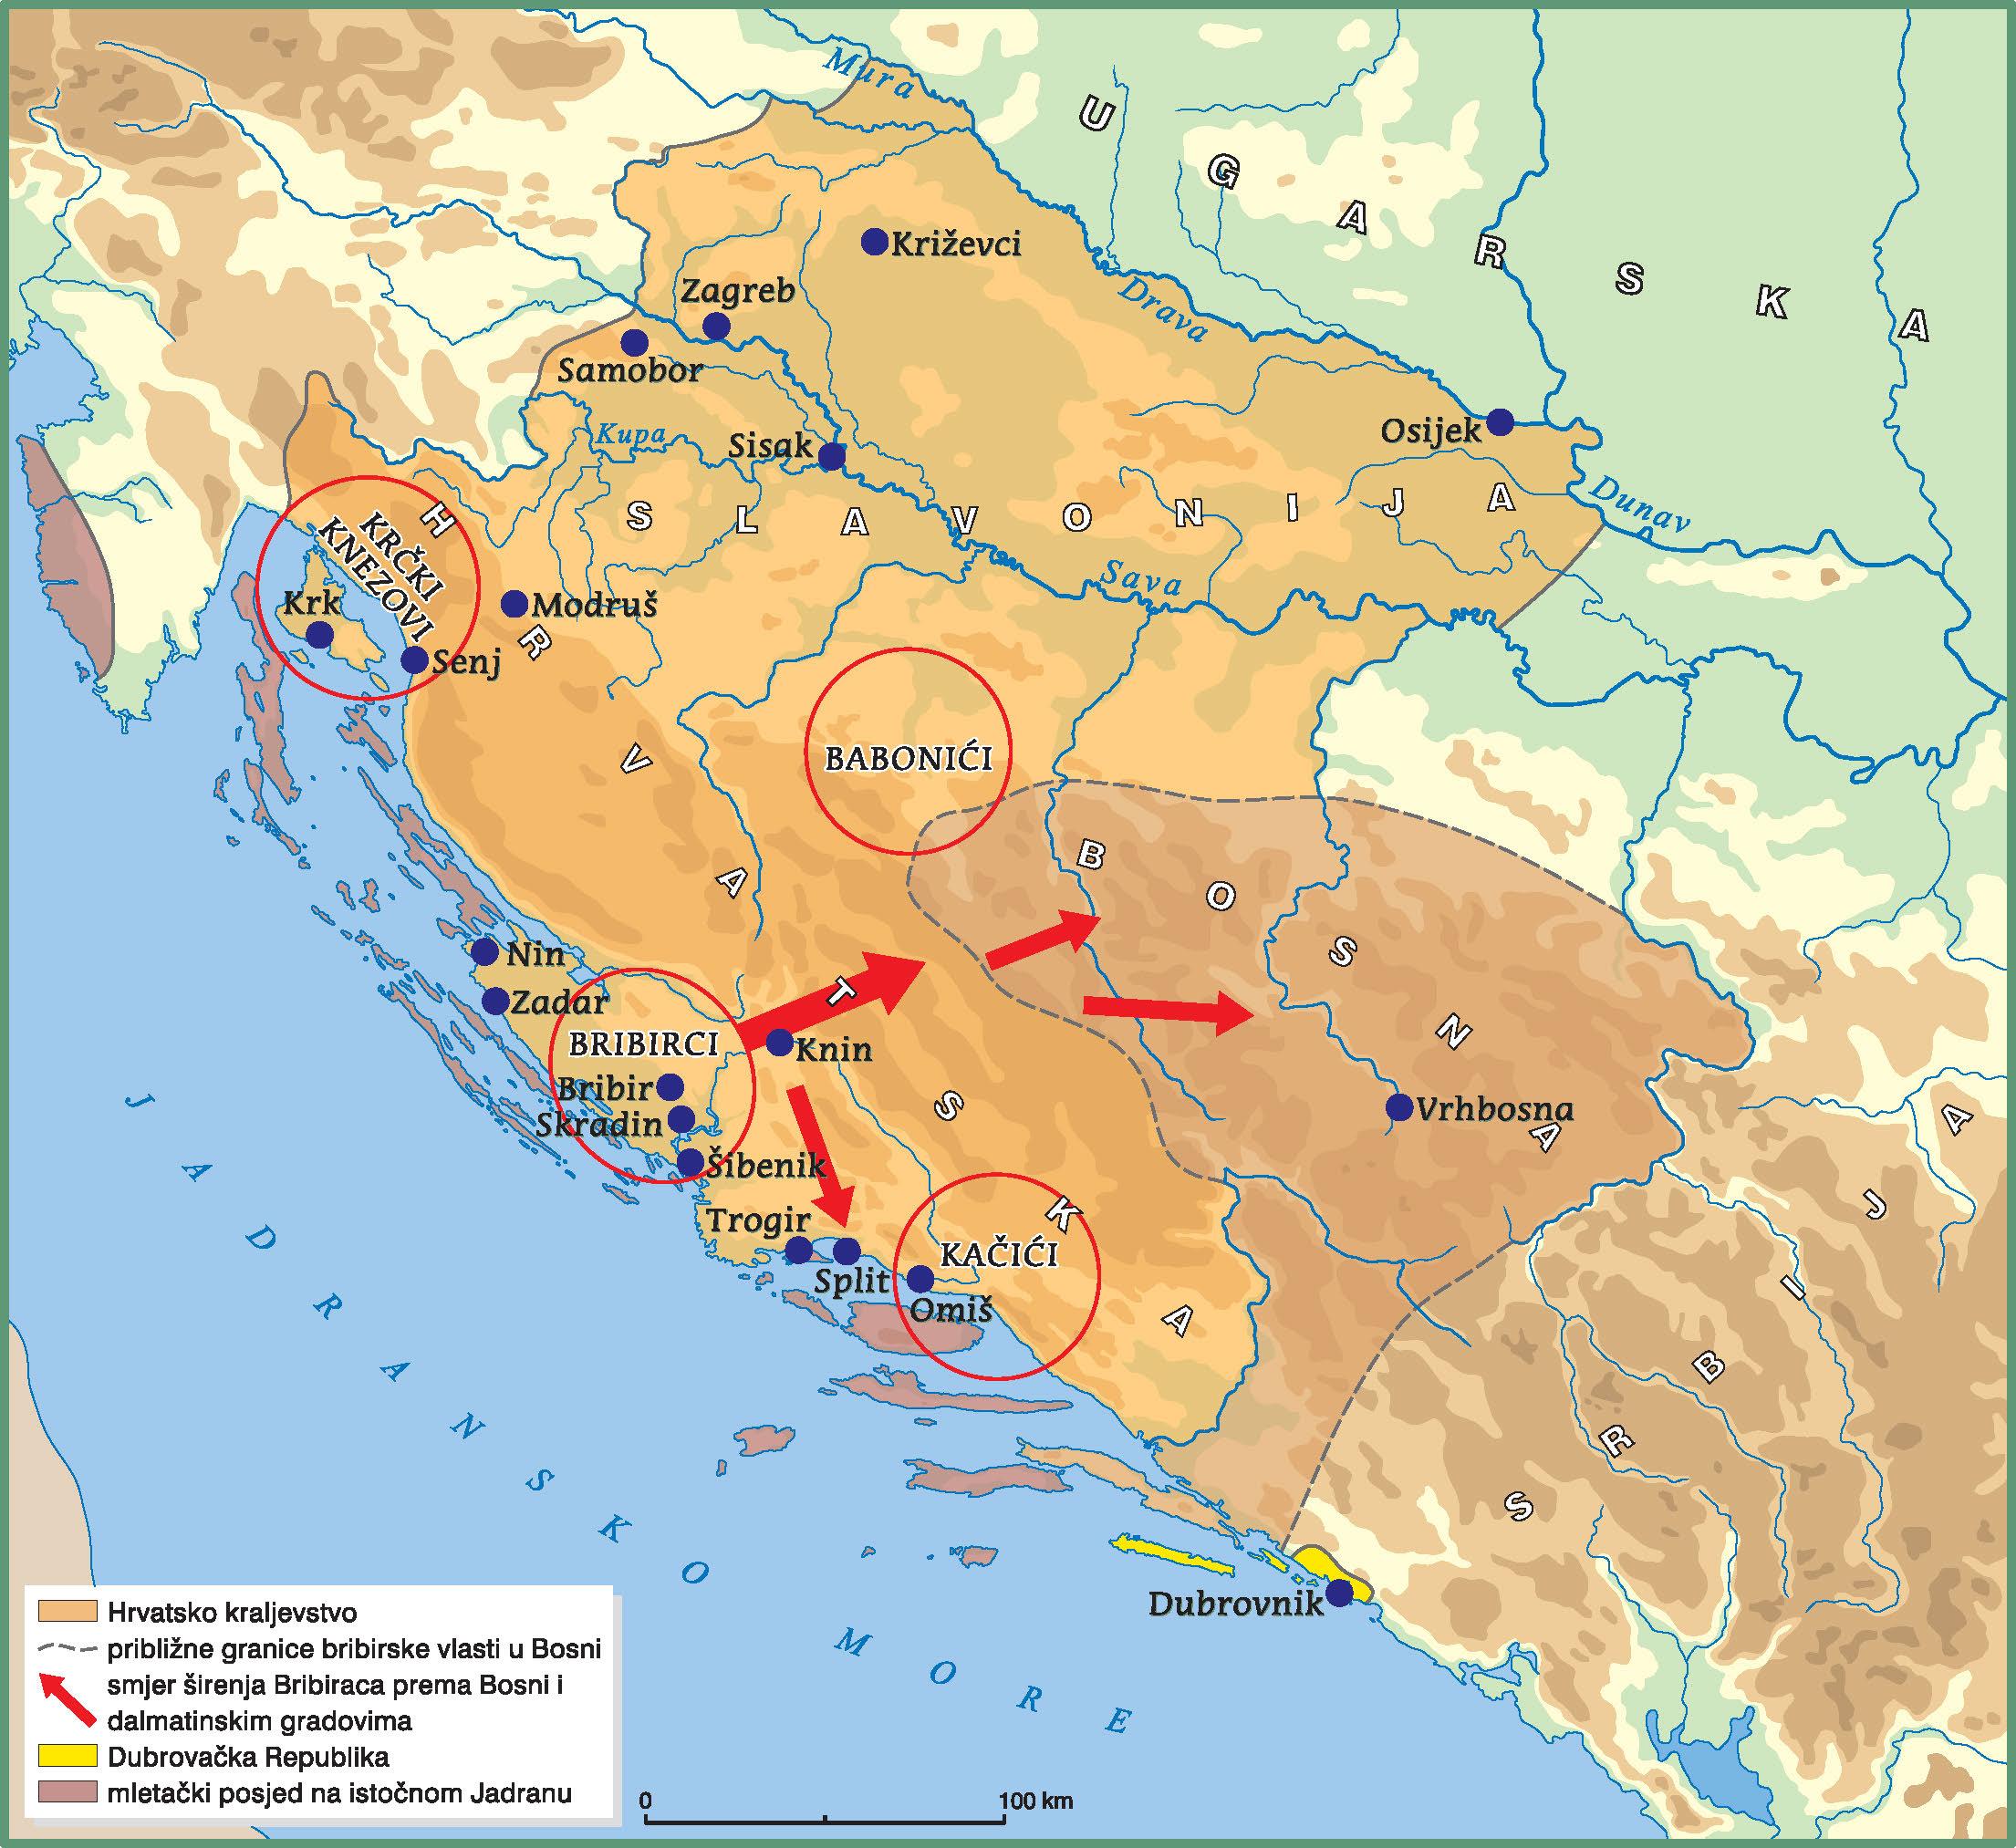 8 Hrvatska U Razvijenom I Kasnom Srednjem Vijeku Klio 6